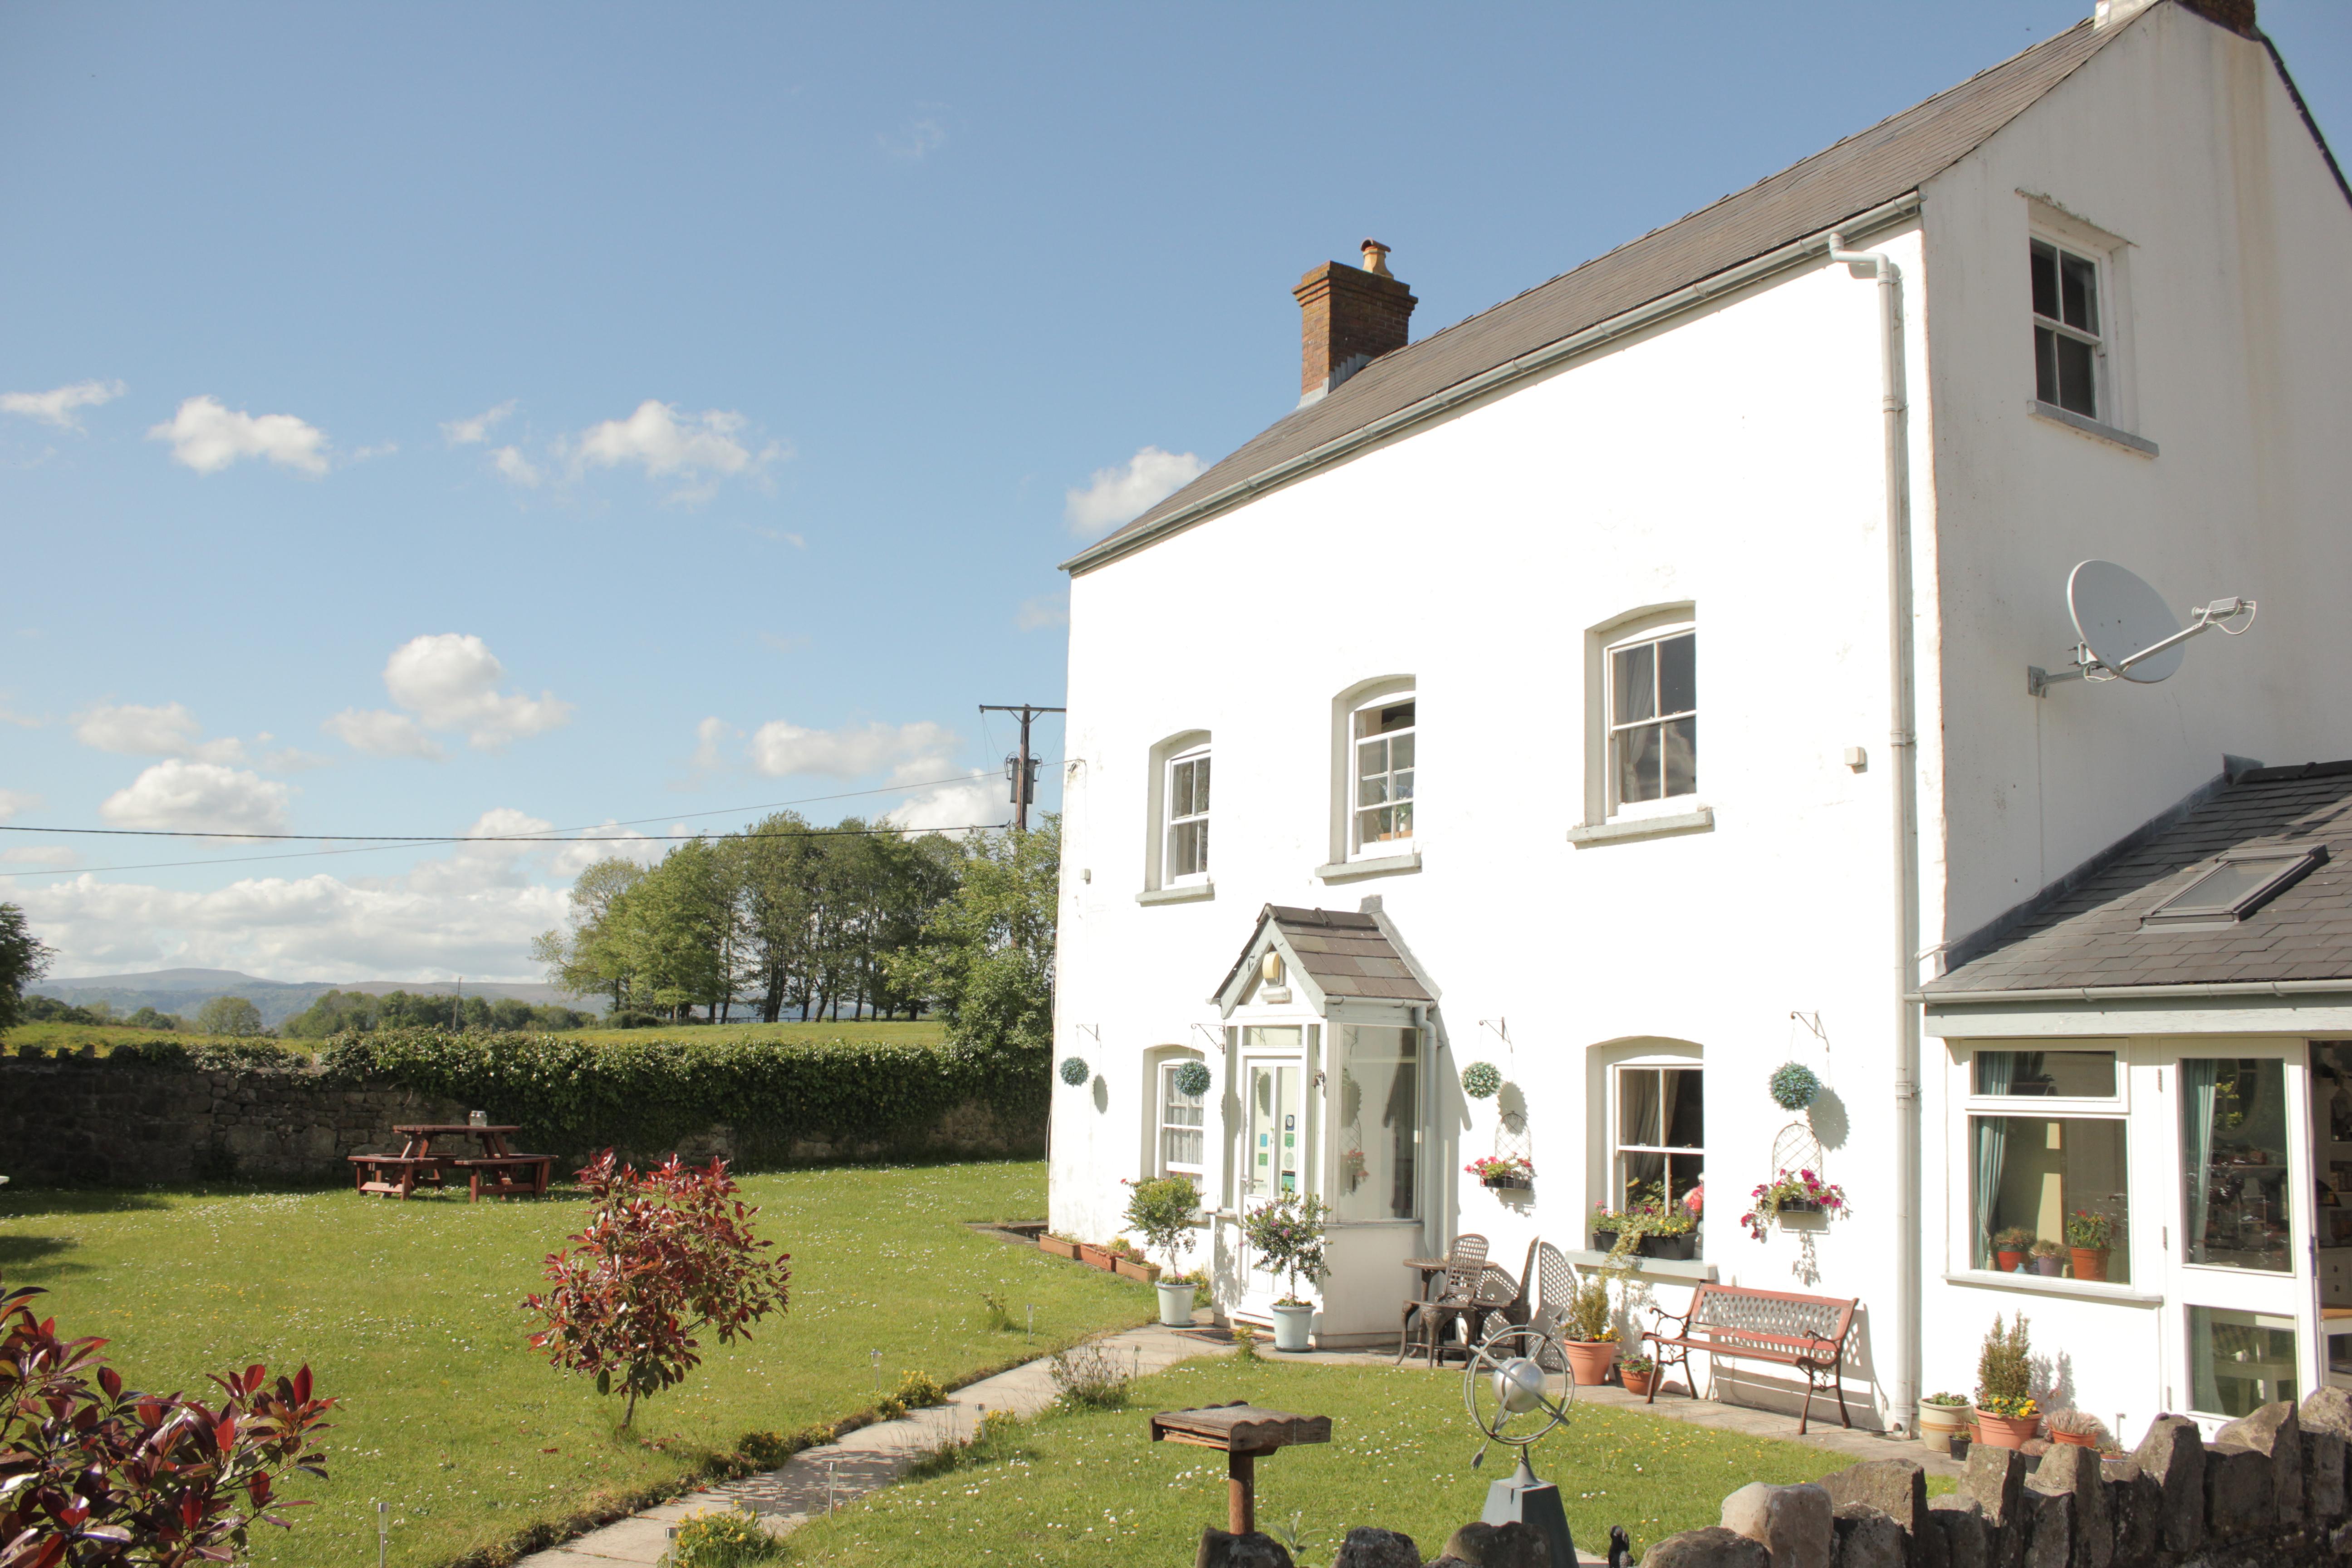 Llansabbath House bnb